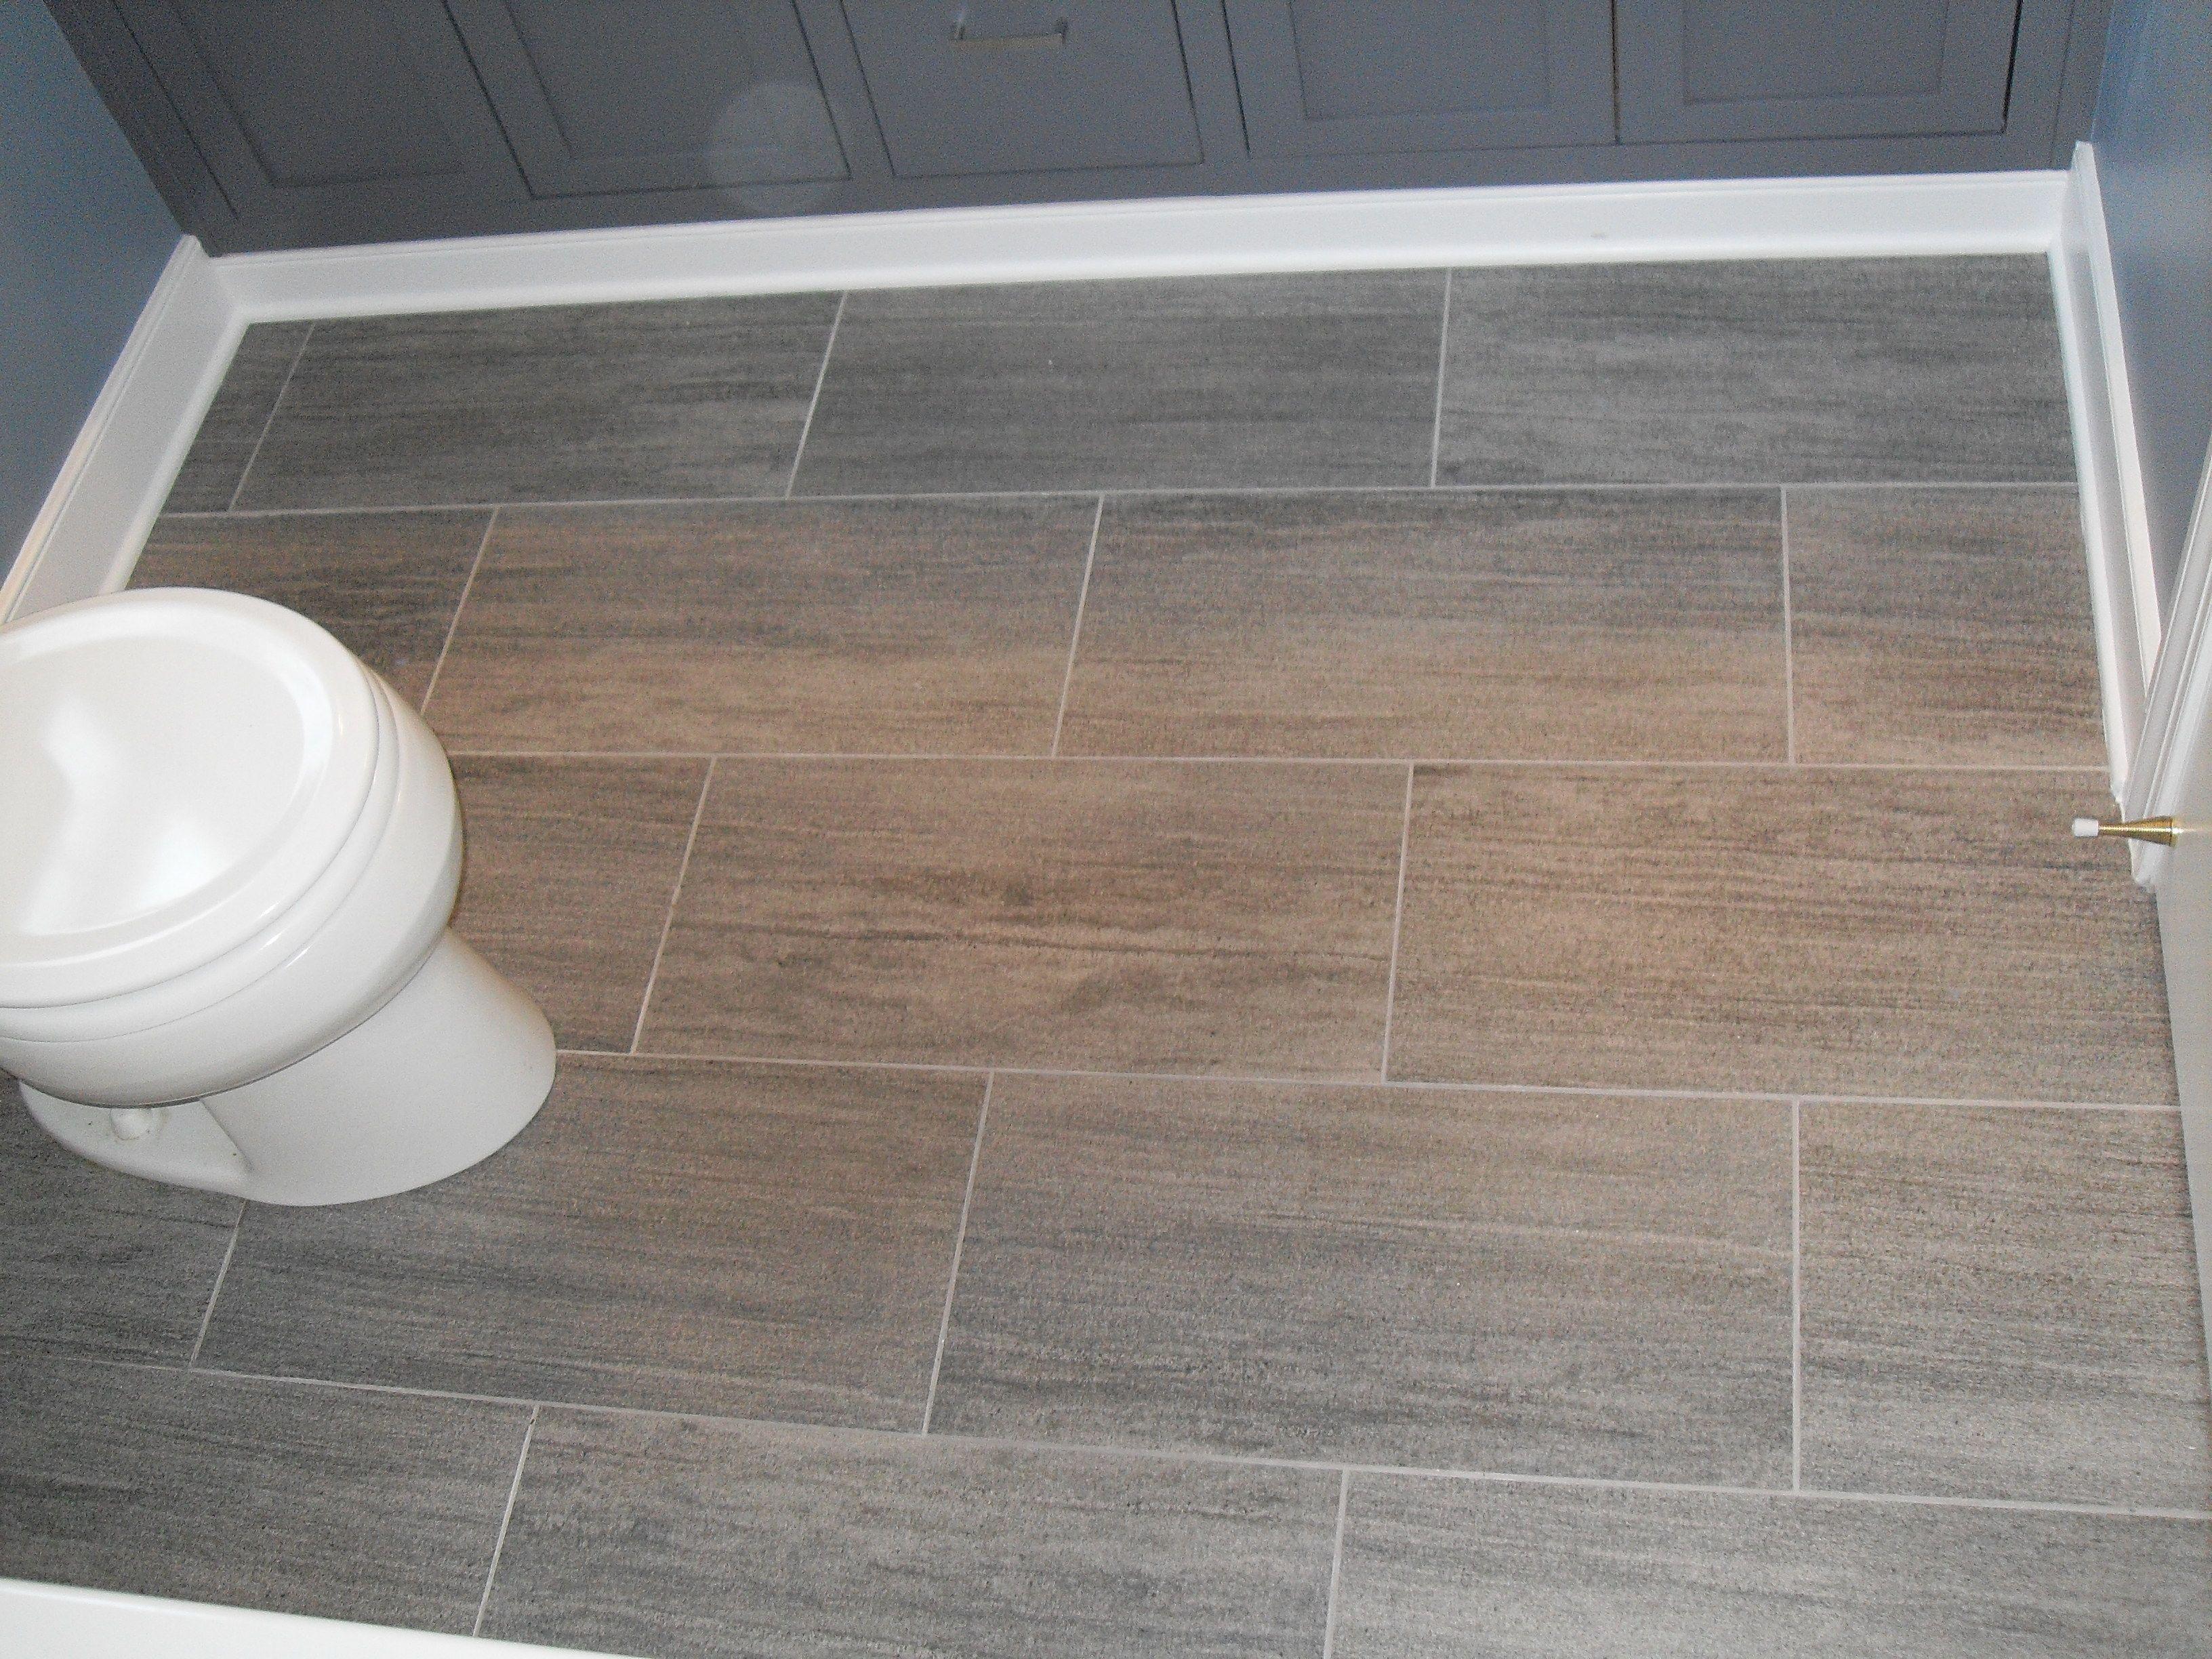 Creative Bathroom Floor Tile Ideas For Small Bathrooms Goodworksfurniture In 2020 Small Bathroom Tiles Cheap Bathroom Flooring Grey Bathroom Tiles